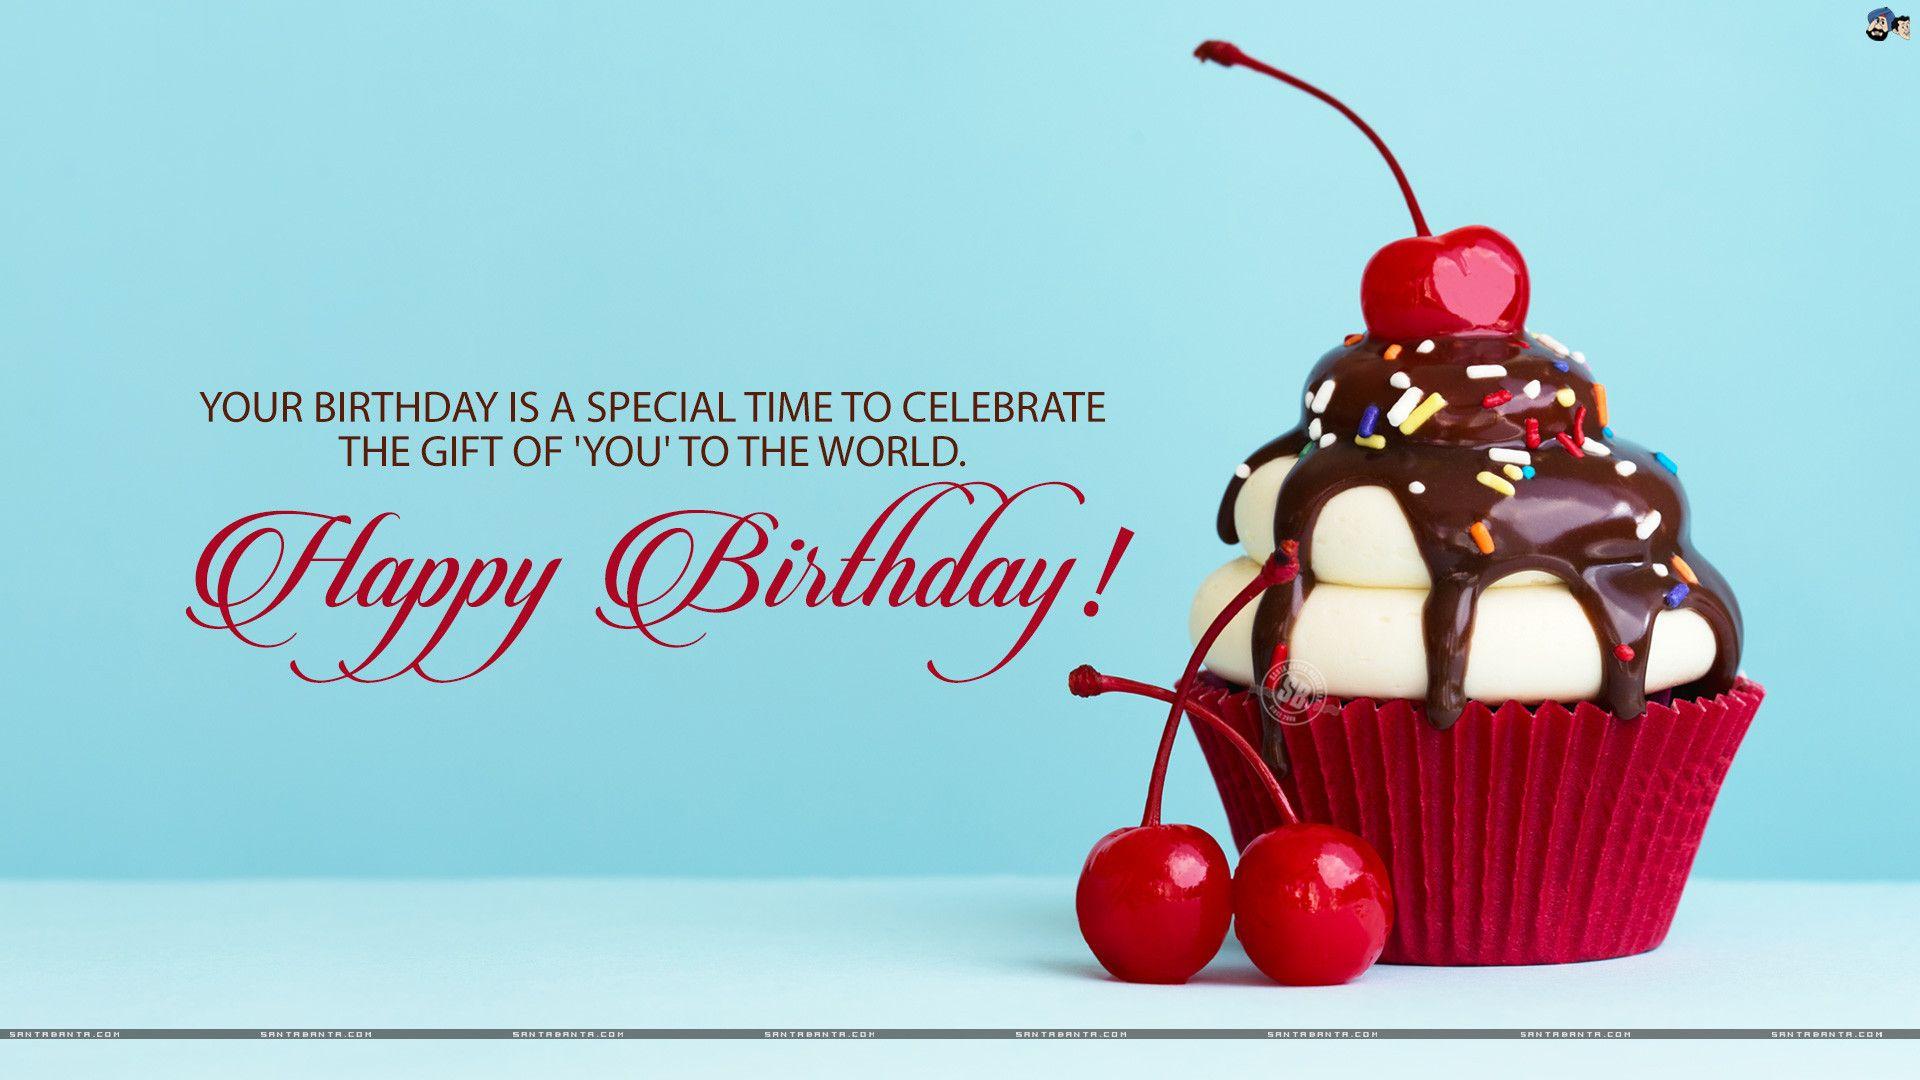 heartfelt birthday wishes to wish your friend a happy